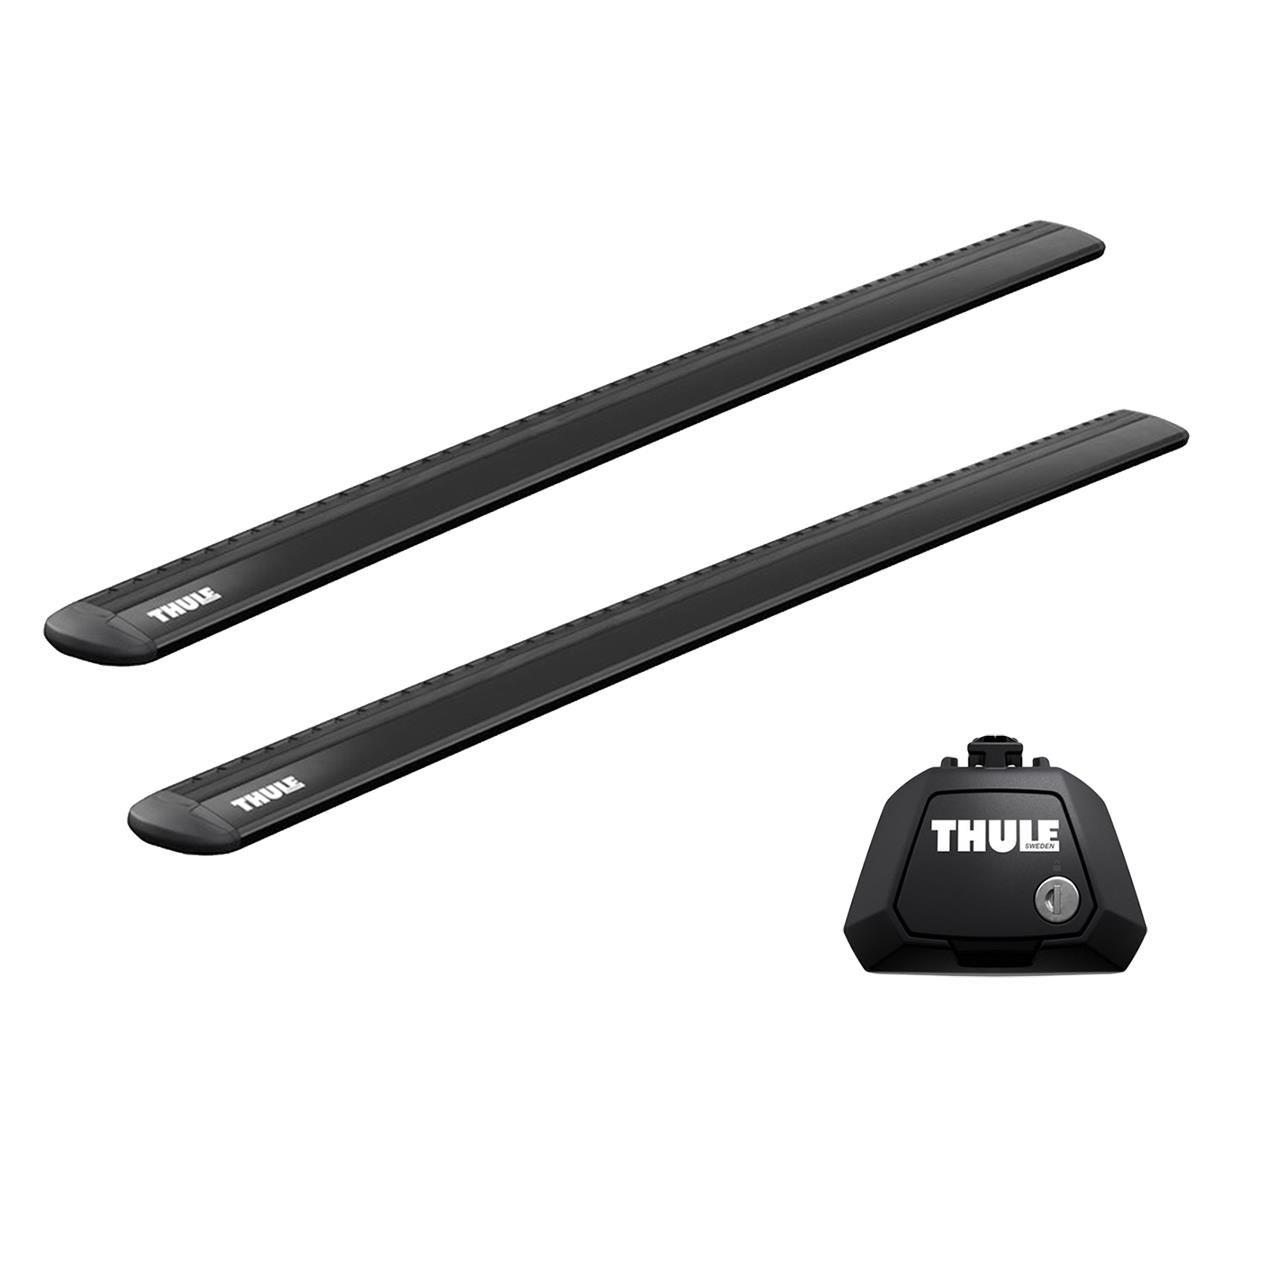 Напречни греди Thule Evo Raised Rail WingBar Evo 127cm в Черно за MERCEDES GLS (X166) 5 врати SUV 2016- с фабрични надлъжни греди с просвет 1